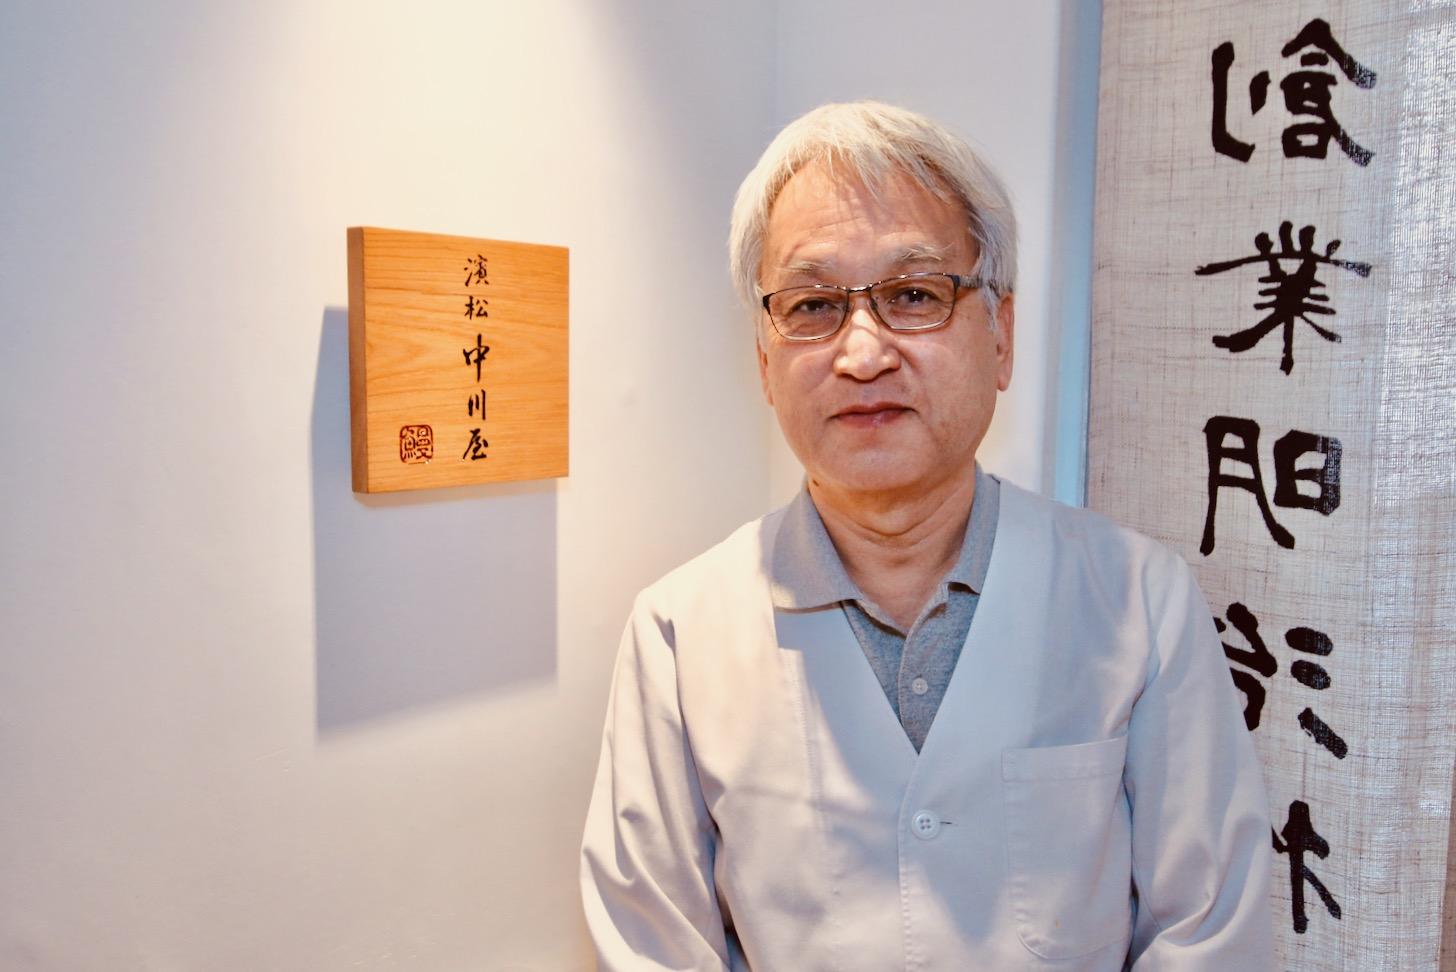 「東京での出店は昔からの夢でした」と4代目主人の村越 武さん